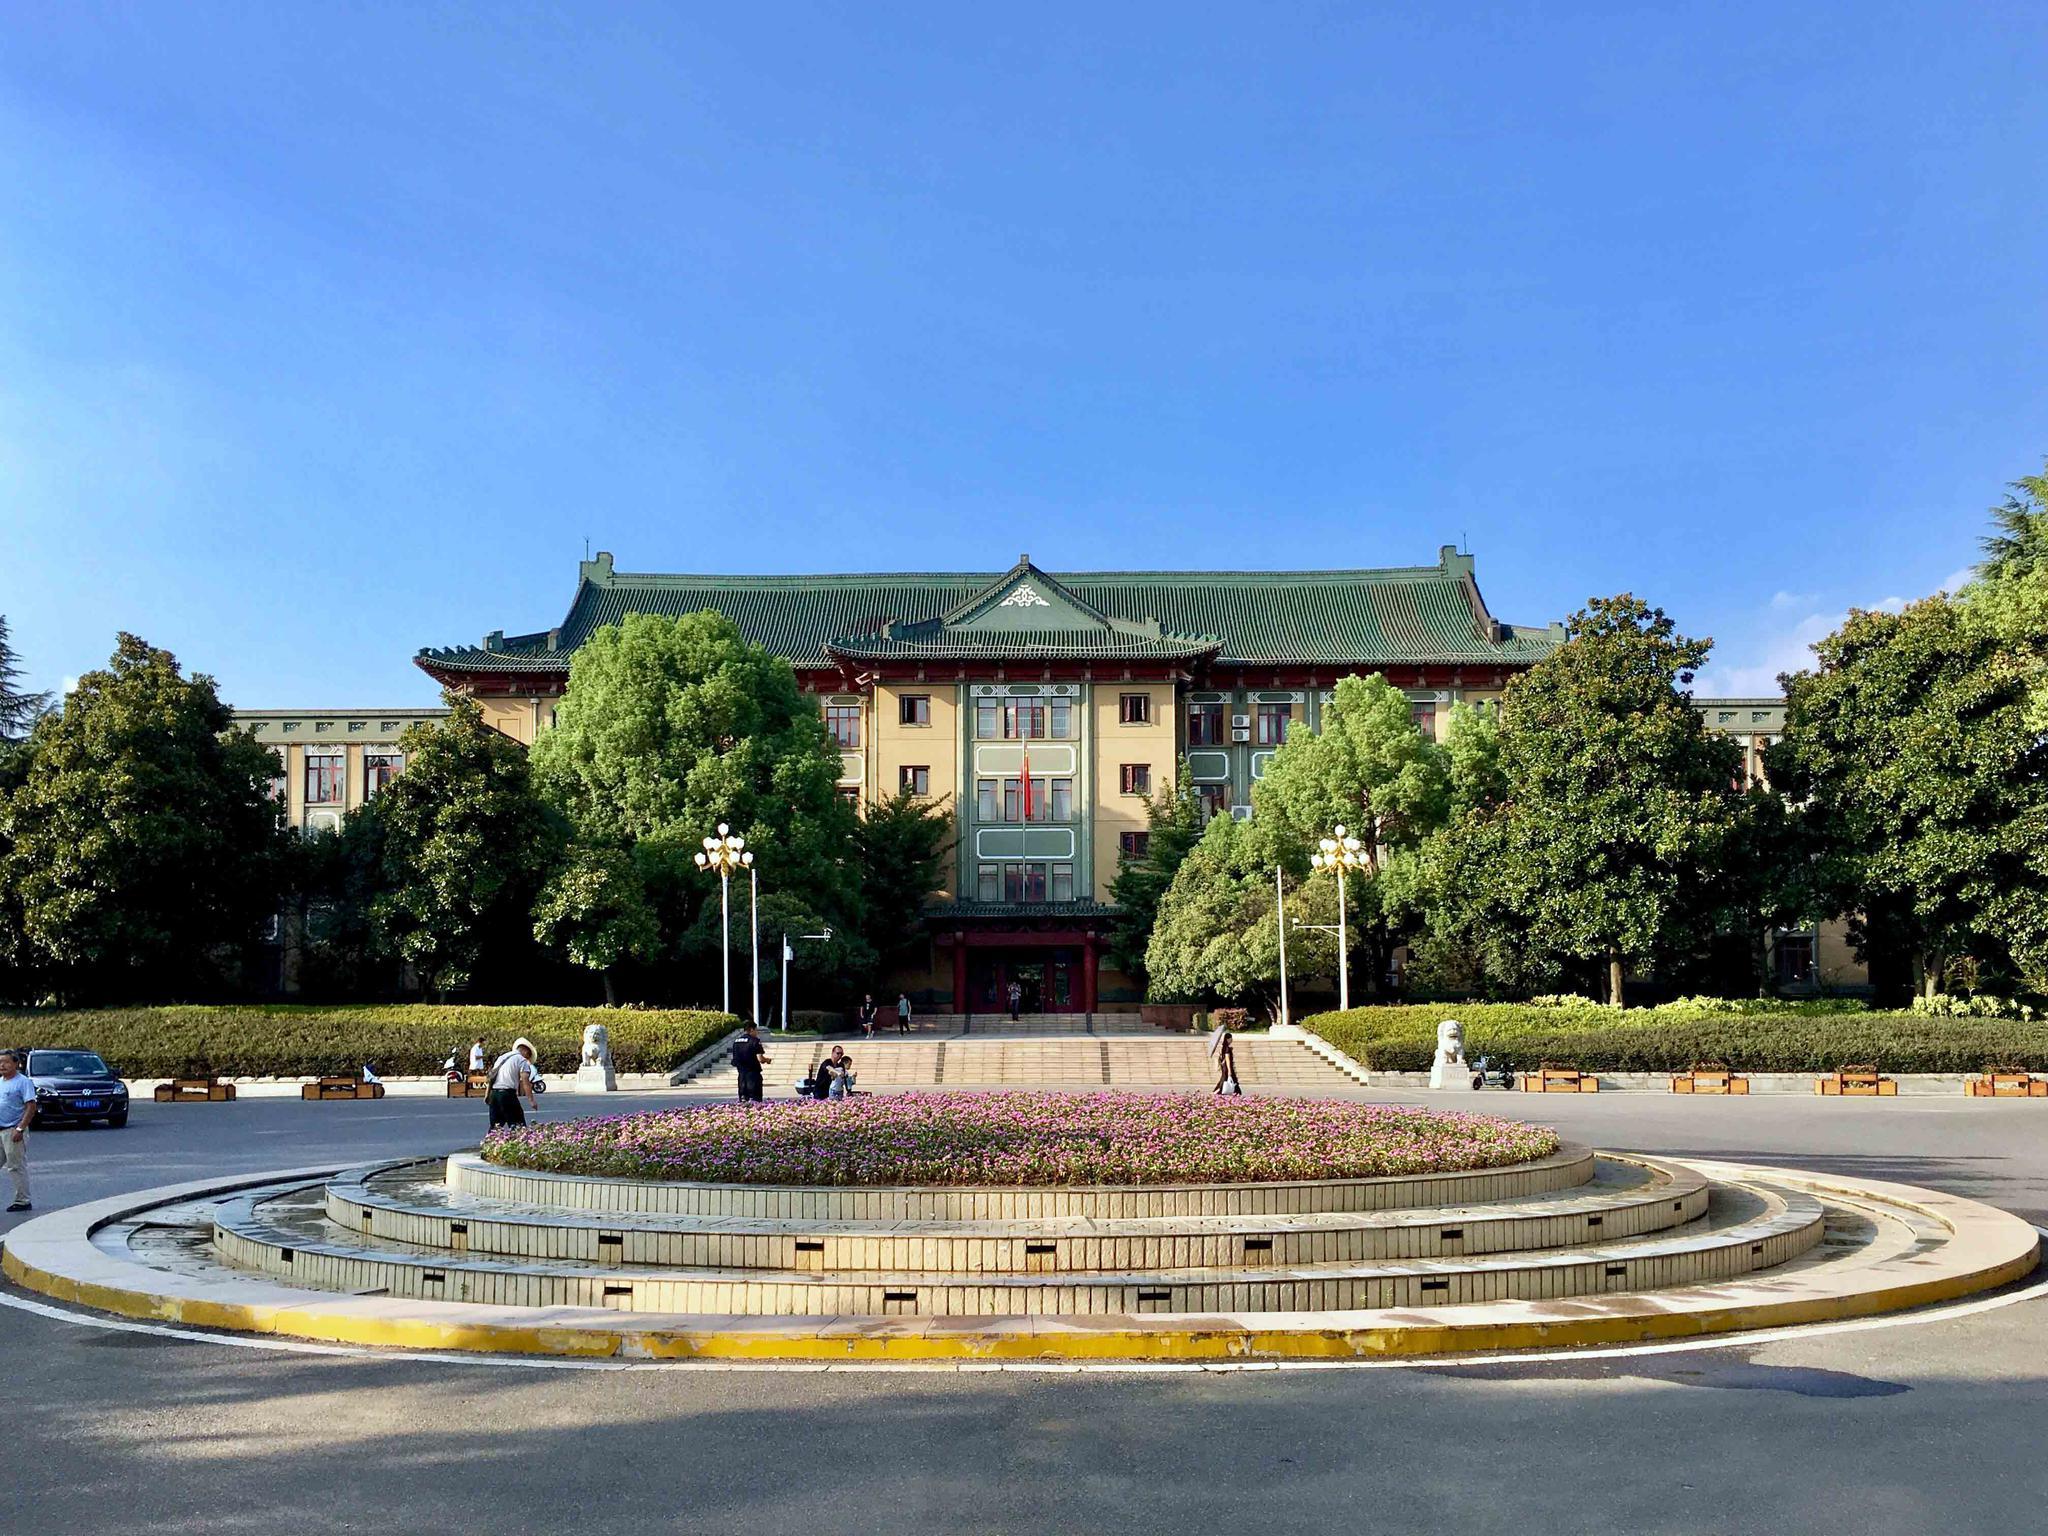 武汉体育学院 校园小景(1)【湖北 武汉】